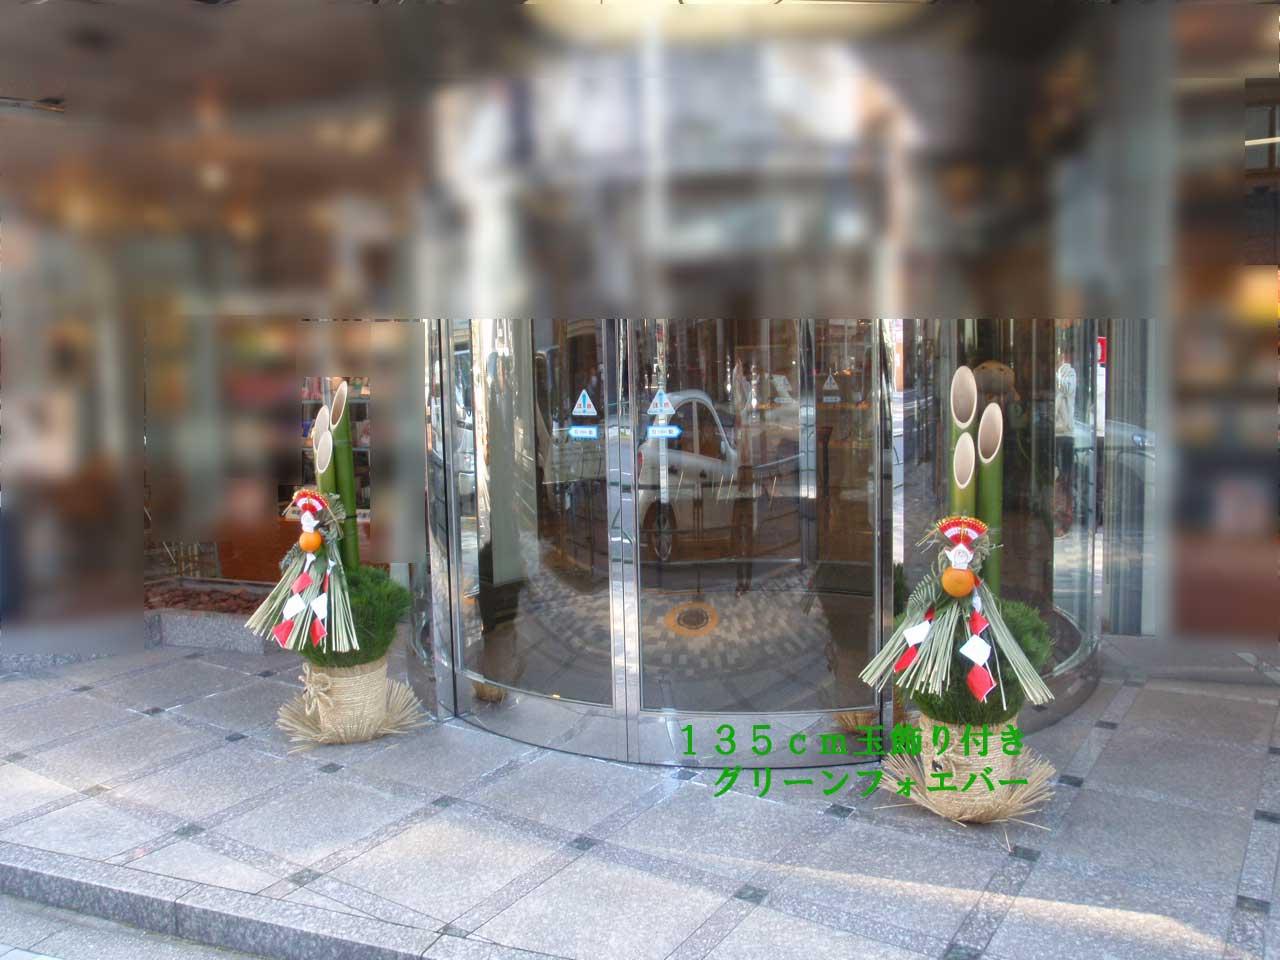 門松 135cm+豪華玉飾り付き画像